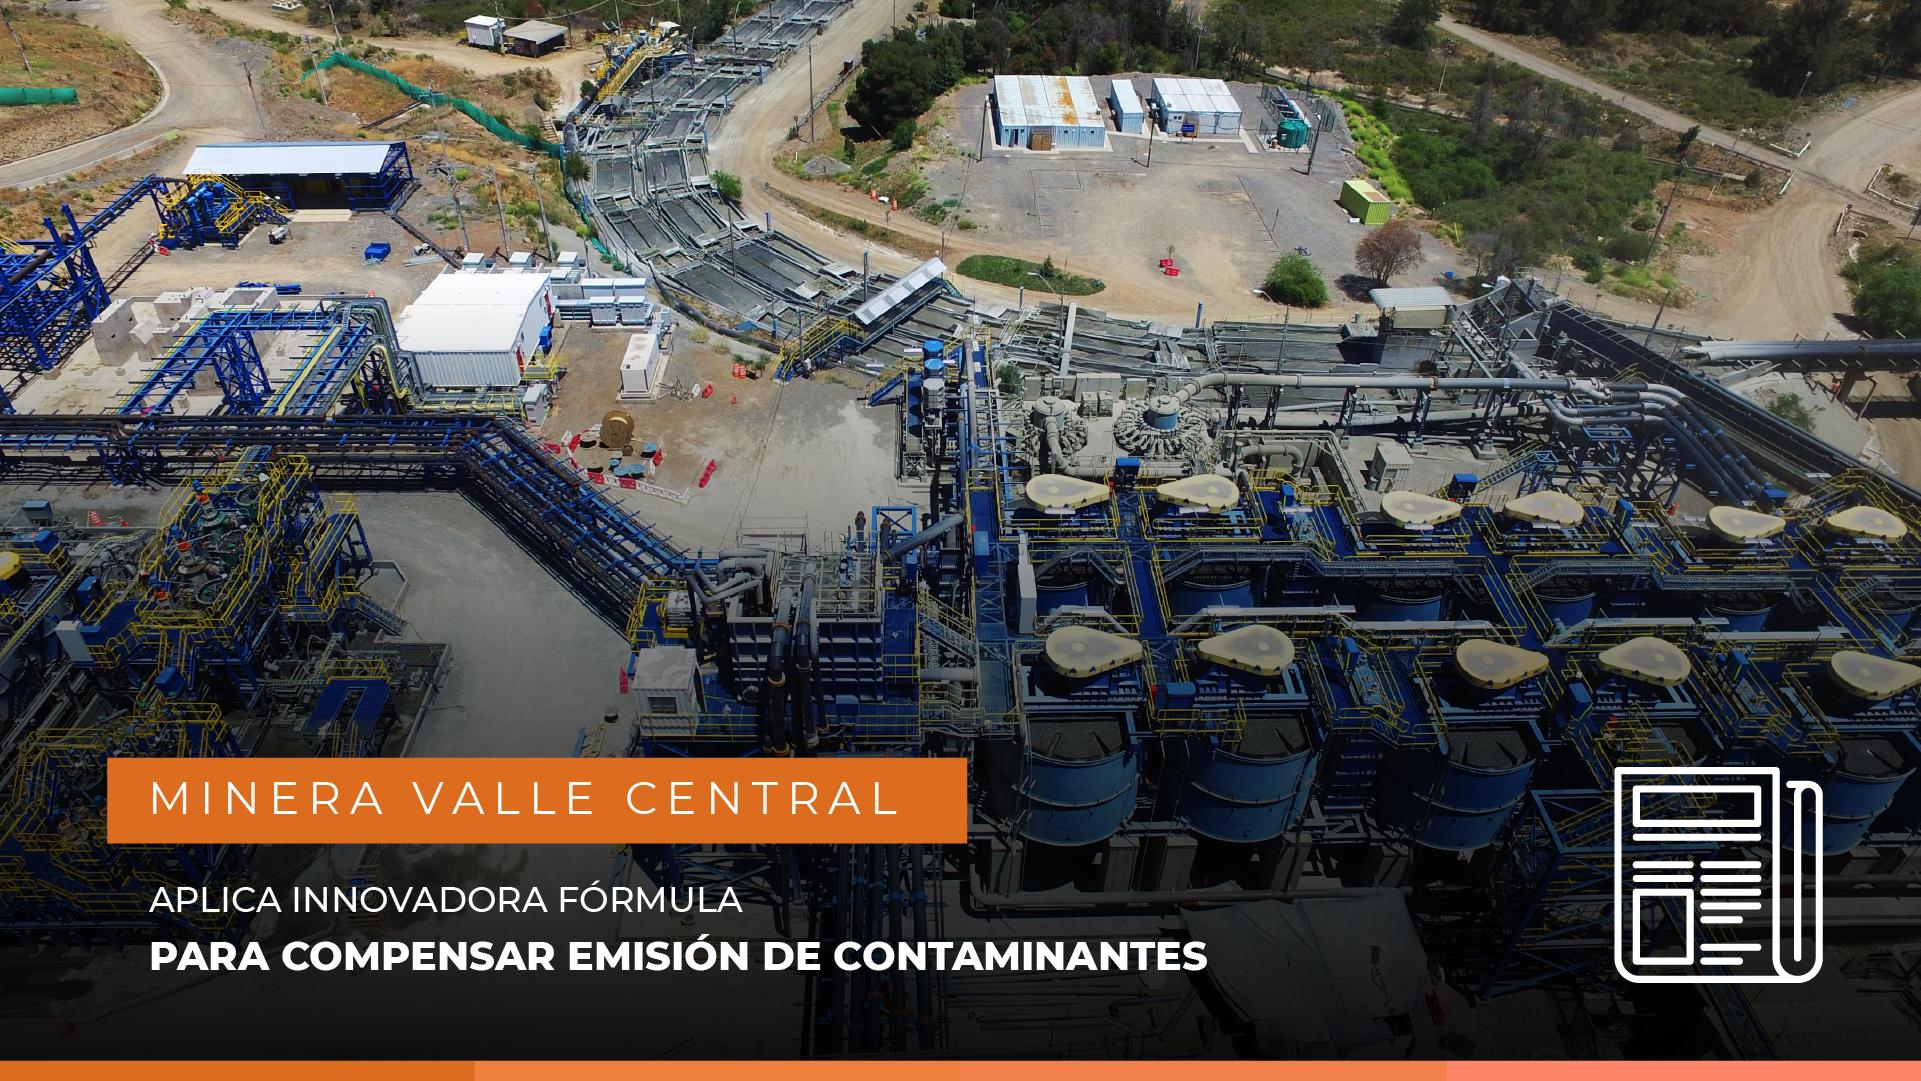 Minera Valle Central aplica innovadora fórmula para compensar emisión de contaminantes.